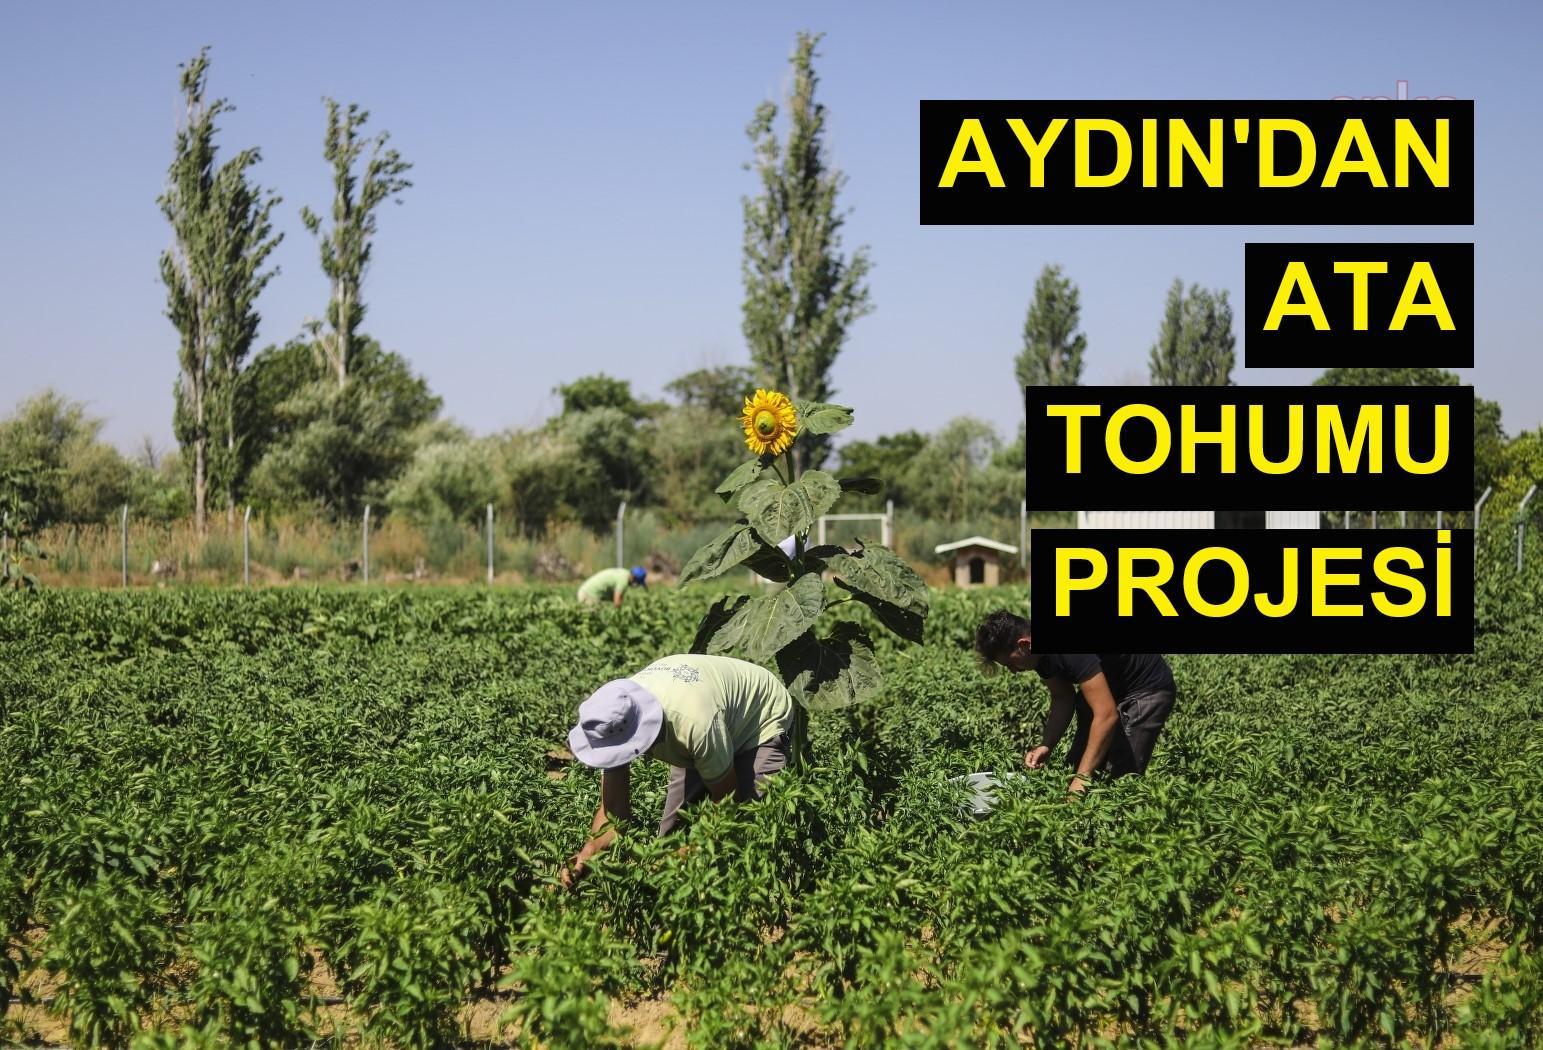 Aydın'dan Ata Tohumu projesi